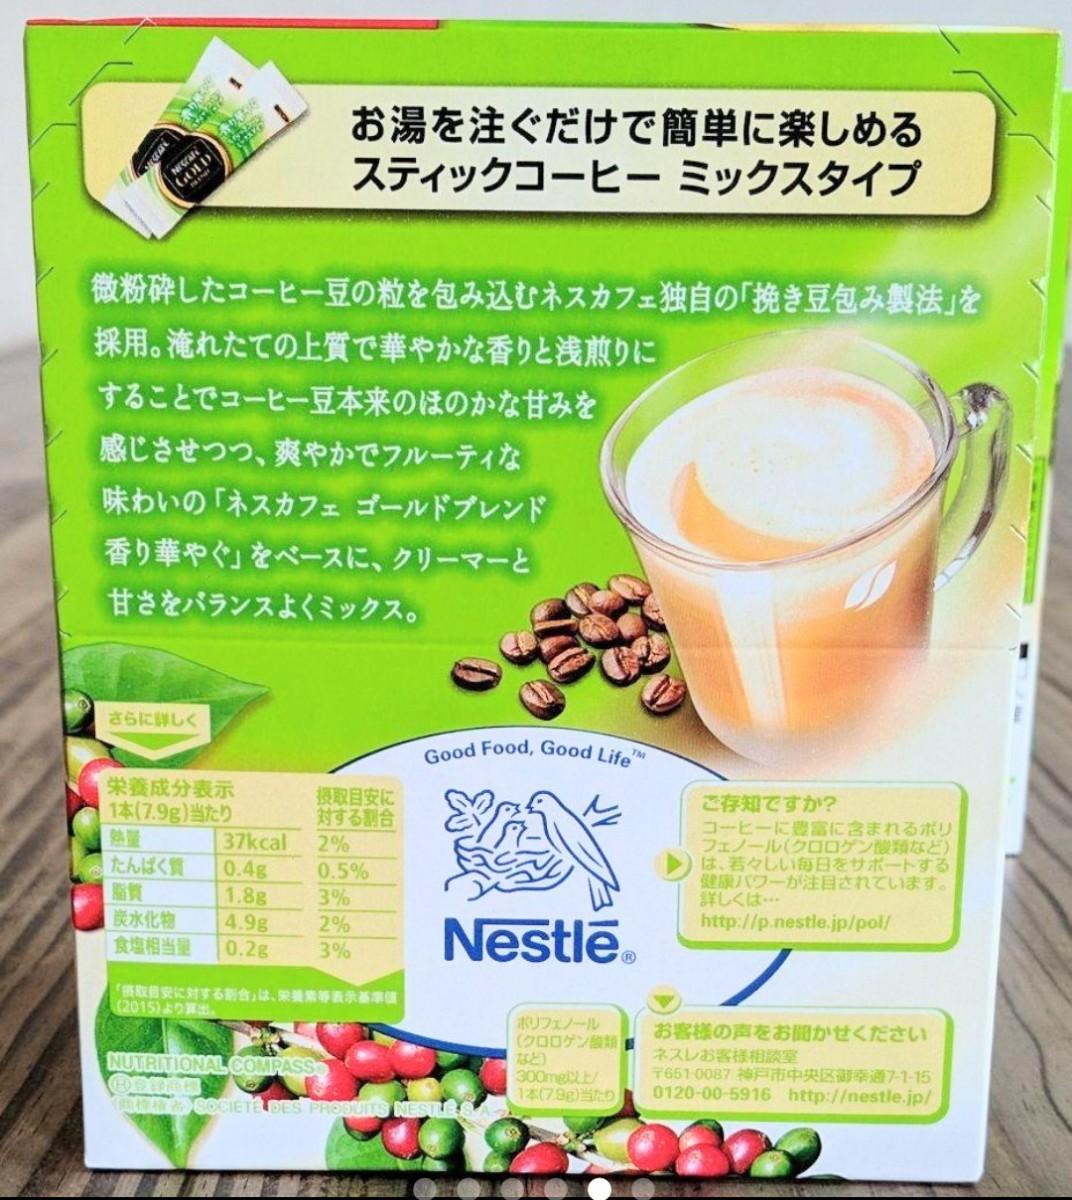 期間限定増量 ネスカフェゴールドブレンド 52本 スティックコーヒー ネスレ